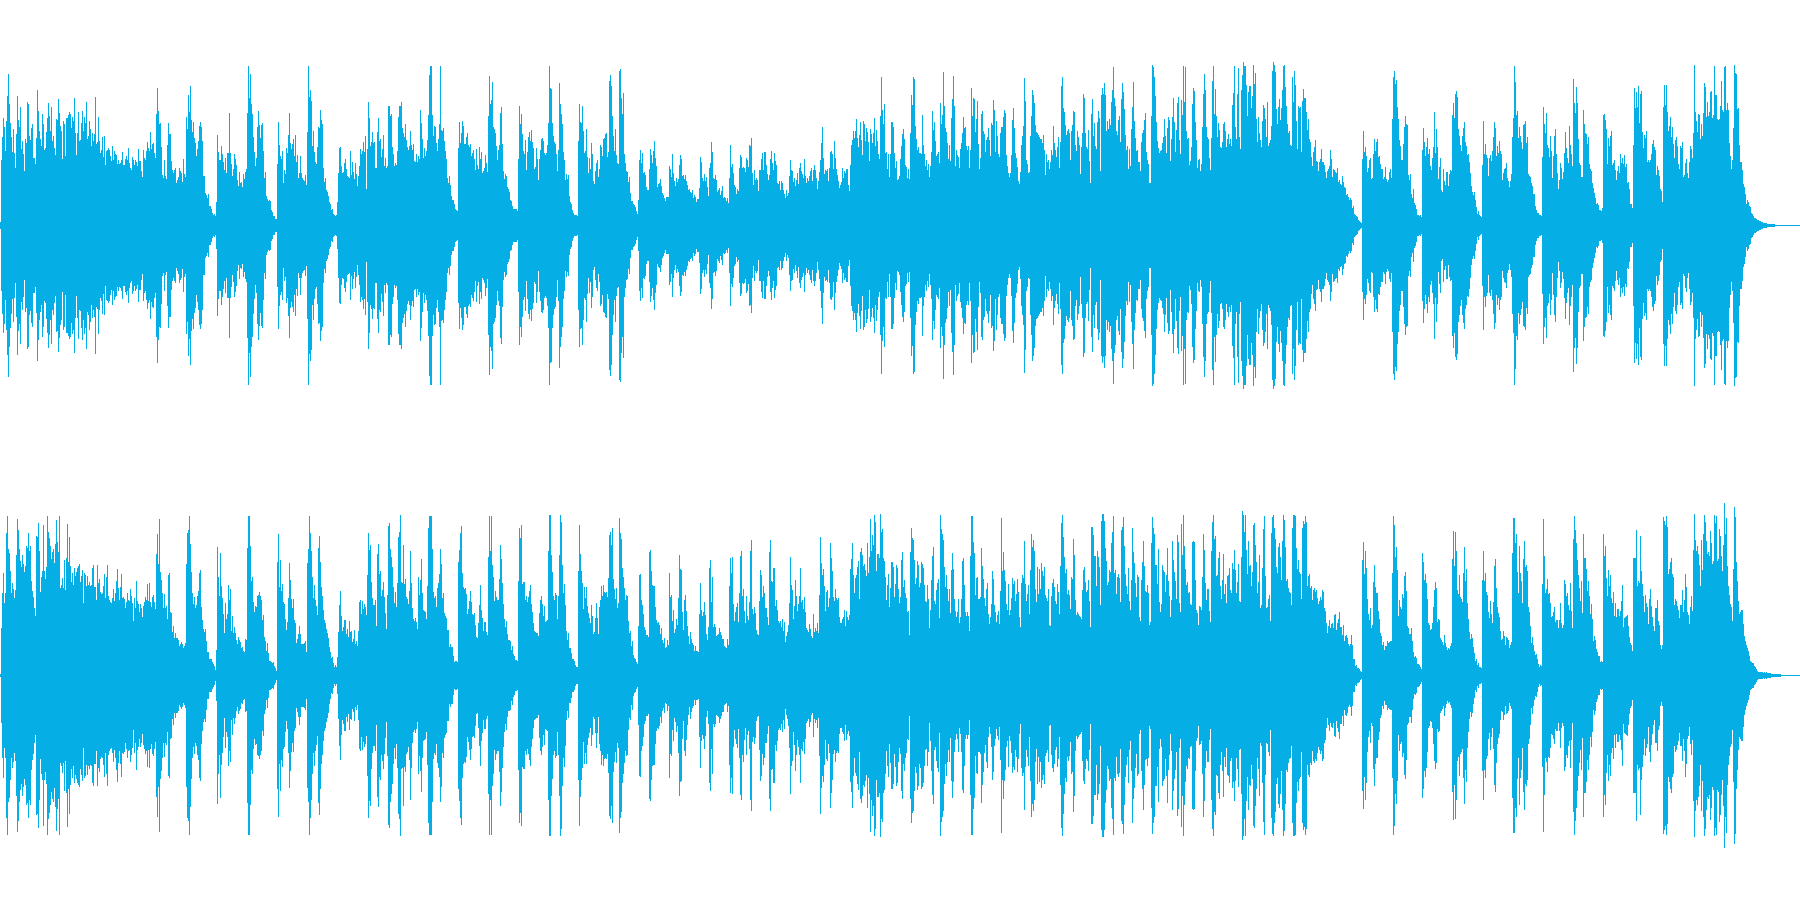 怪しげなハロウィン風オーケストラの再生済みの波形